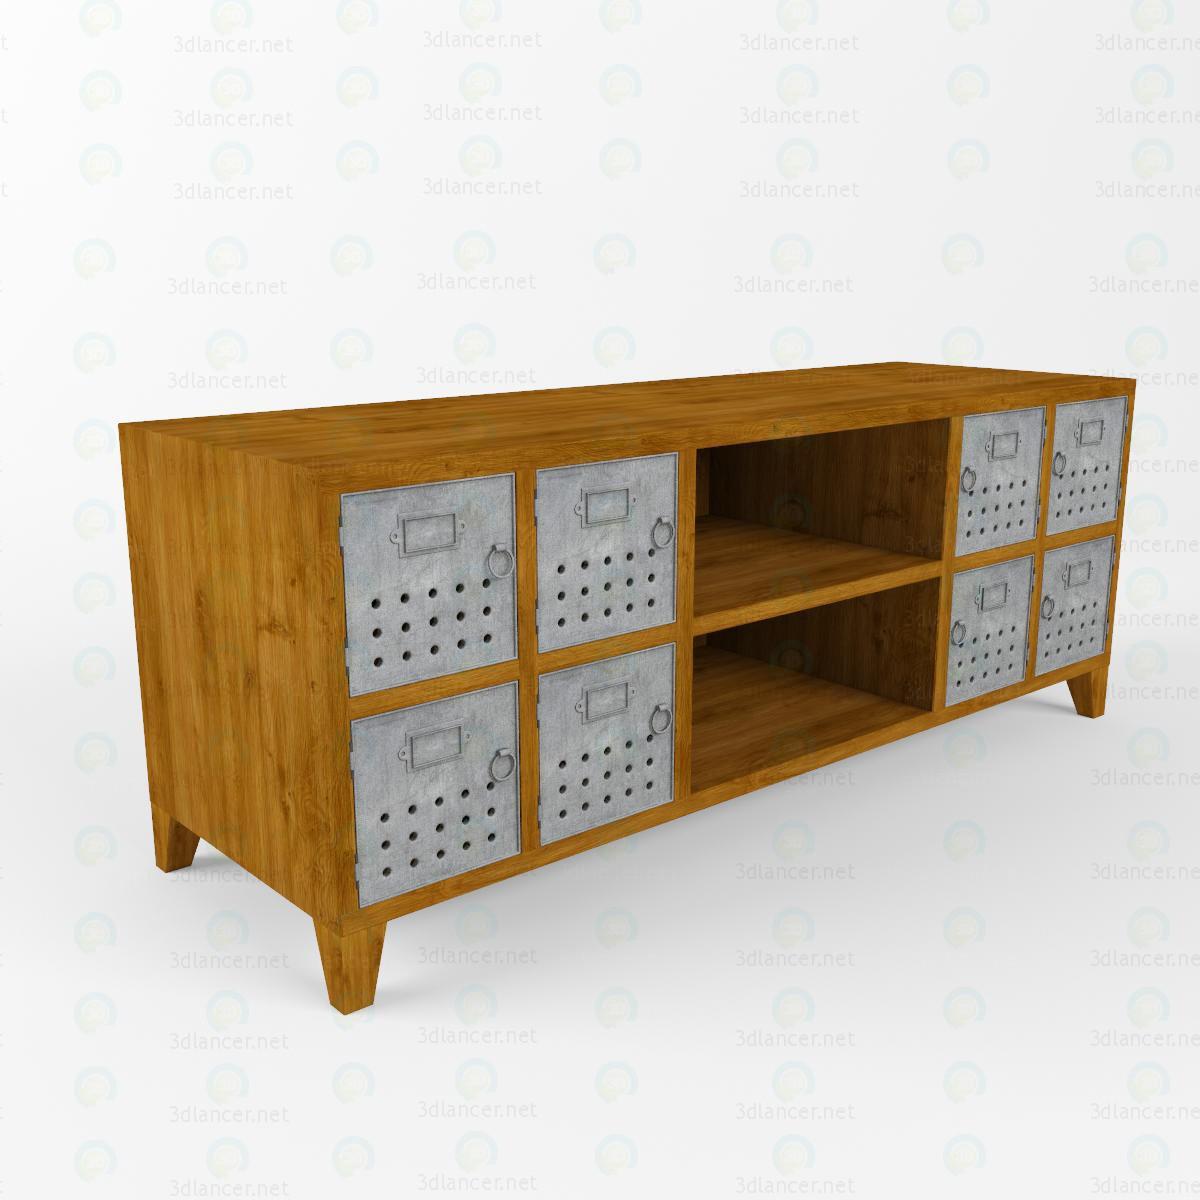 3d modeling TV Stand loft model free download